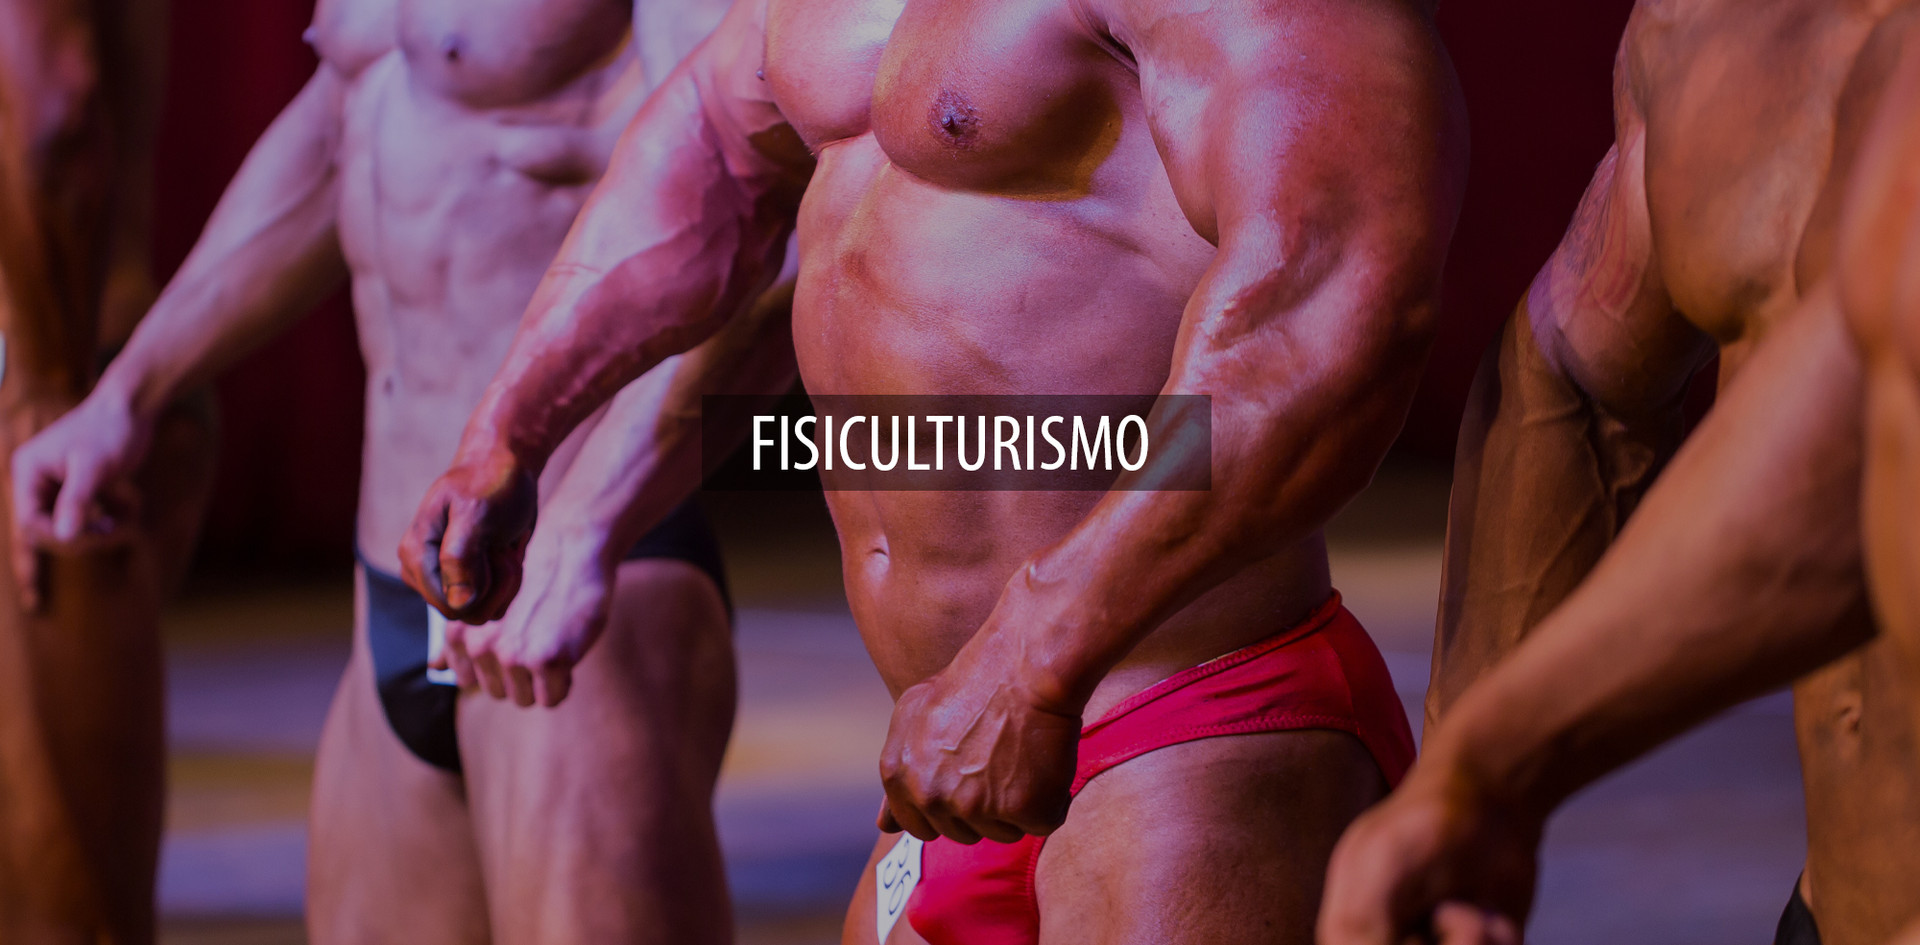 FISICULTURISMO.jpg